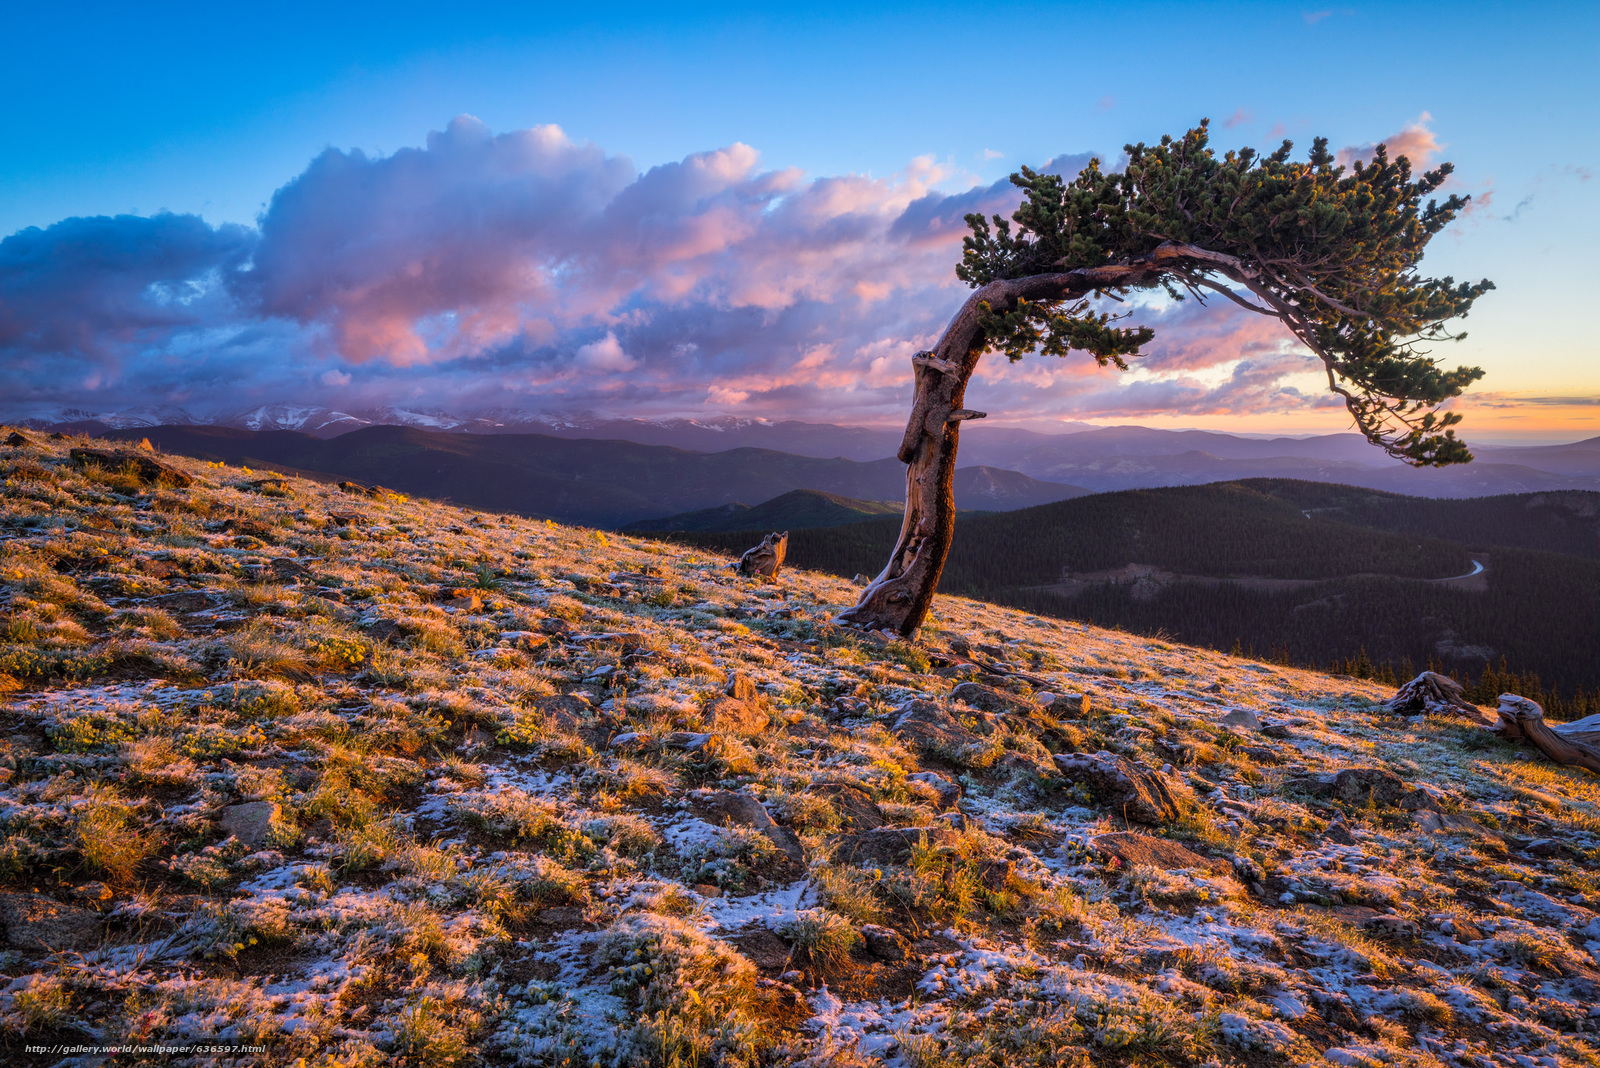 Tlcharger Fond d'ecran pin,  Colorado,  coucher du soleil,  paysage Fonds d'ecran gratuits pour votre rsolution du bureau 2048x1367 — image №636597